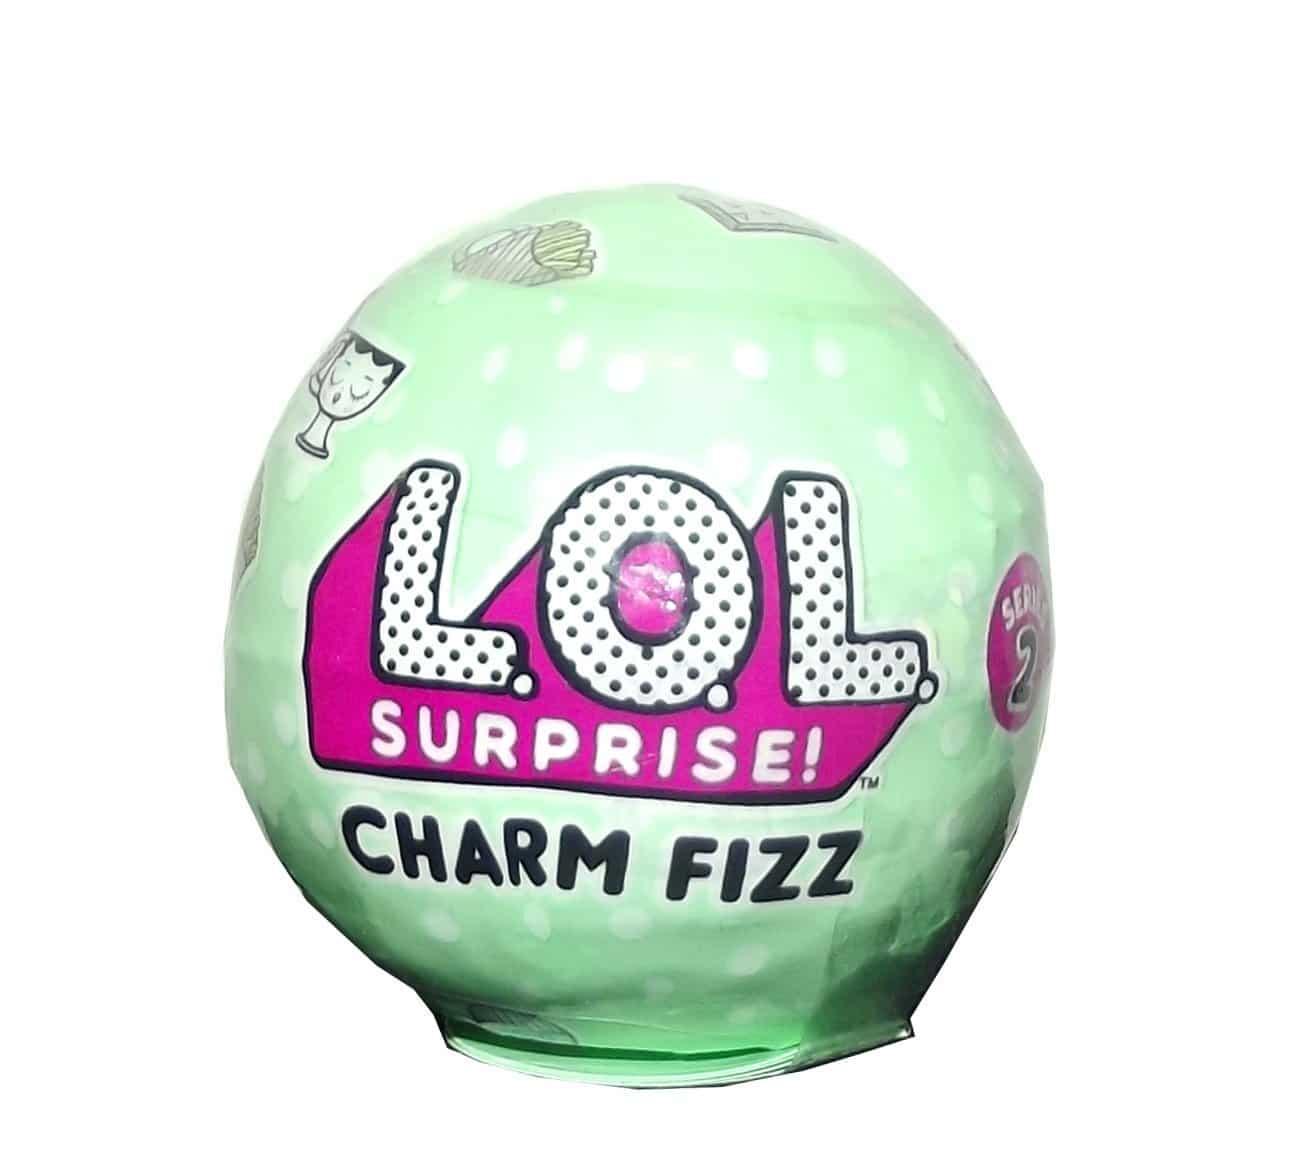 Lol Surprise Charm Fizz Review Lotta Lol